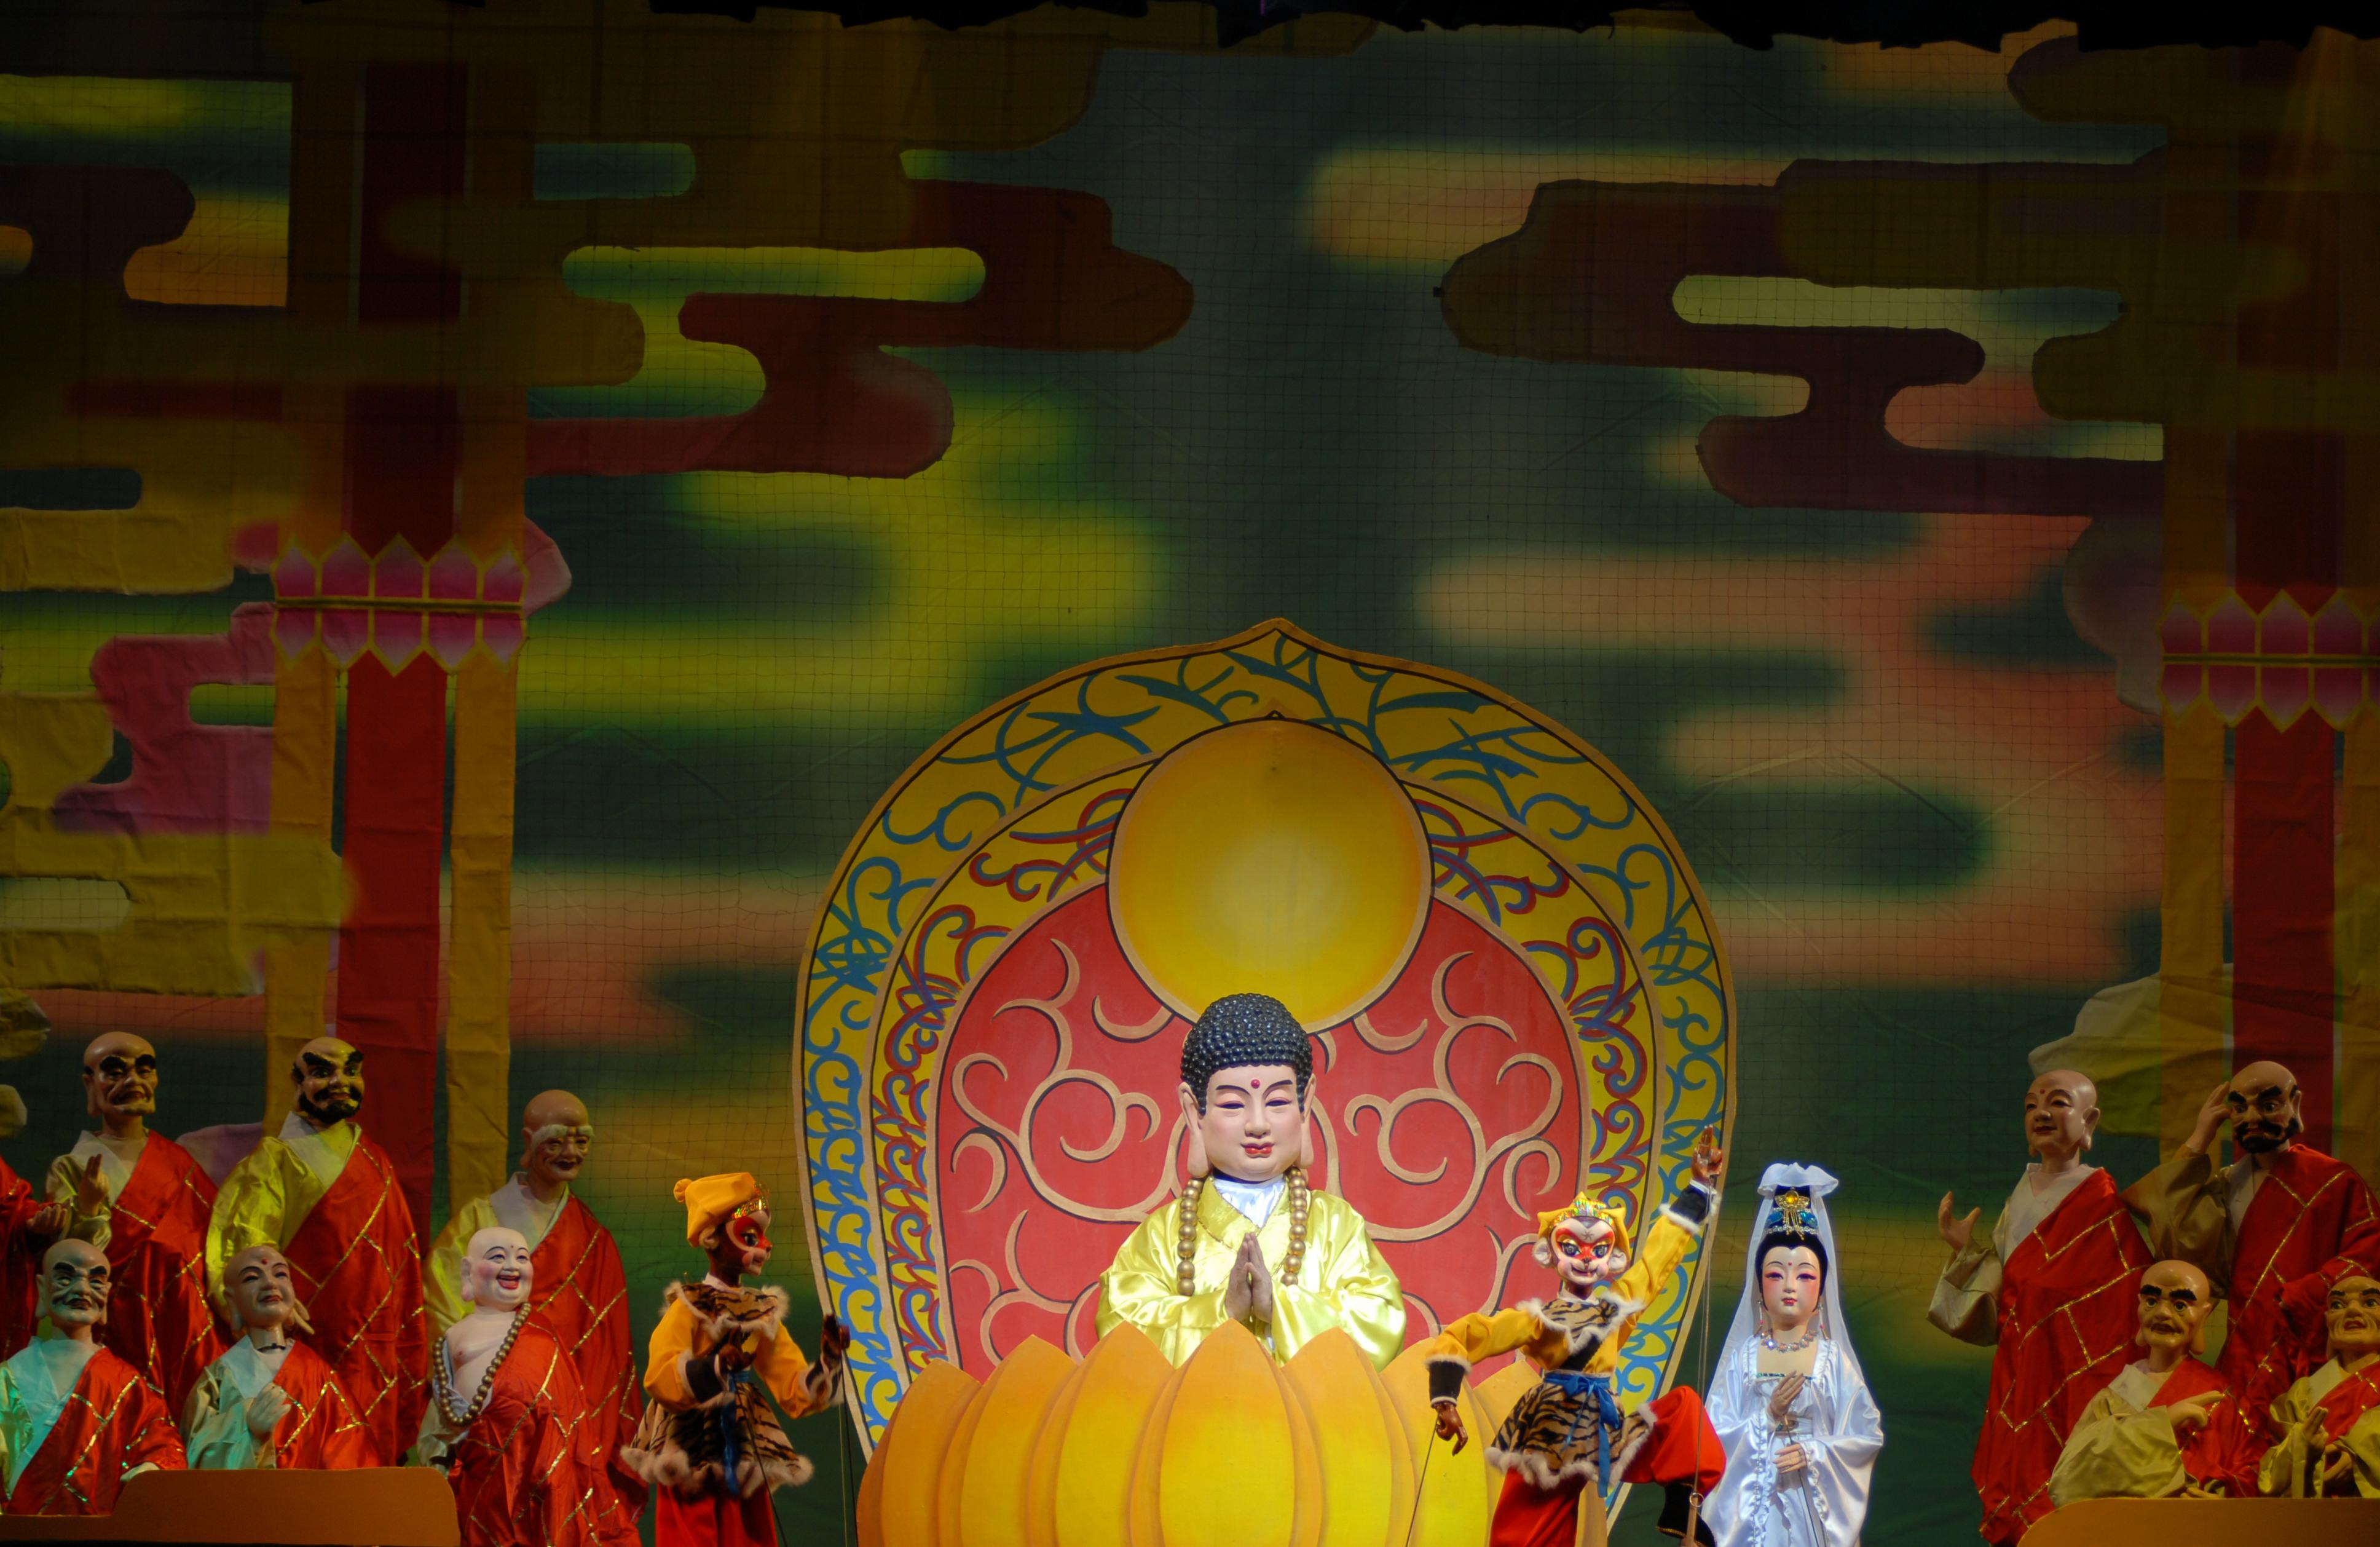 <em>Le vrai Roi des singes et l'Imposteur</em> (真假孙悟空, 2008) par Guangdongsheng Muou Jutuan (Haizhuqu, Guangzhou, province du Guangdong, République populaire de Chine), mise en scène : Cui Keqin, scénographieet fabrication: He Chaowei, Chen You, Ke Yongchao, marionnettistes : Lü Jingxian, Lu Jie, Li Kuan, He Weichao, Ou Xiaoju. Marionnettes à tiges, hauteur : 70-100 cm. Photo réproduite avec l'aimable autorisation de Guangdongsheng Muou Jutuan